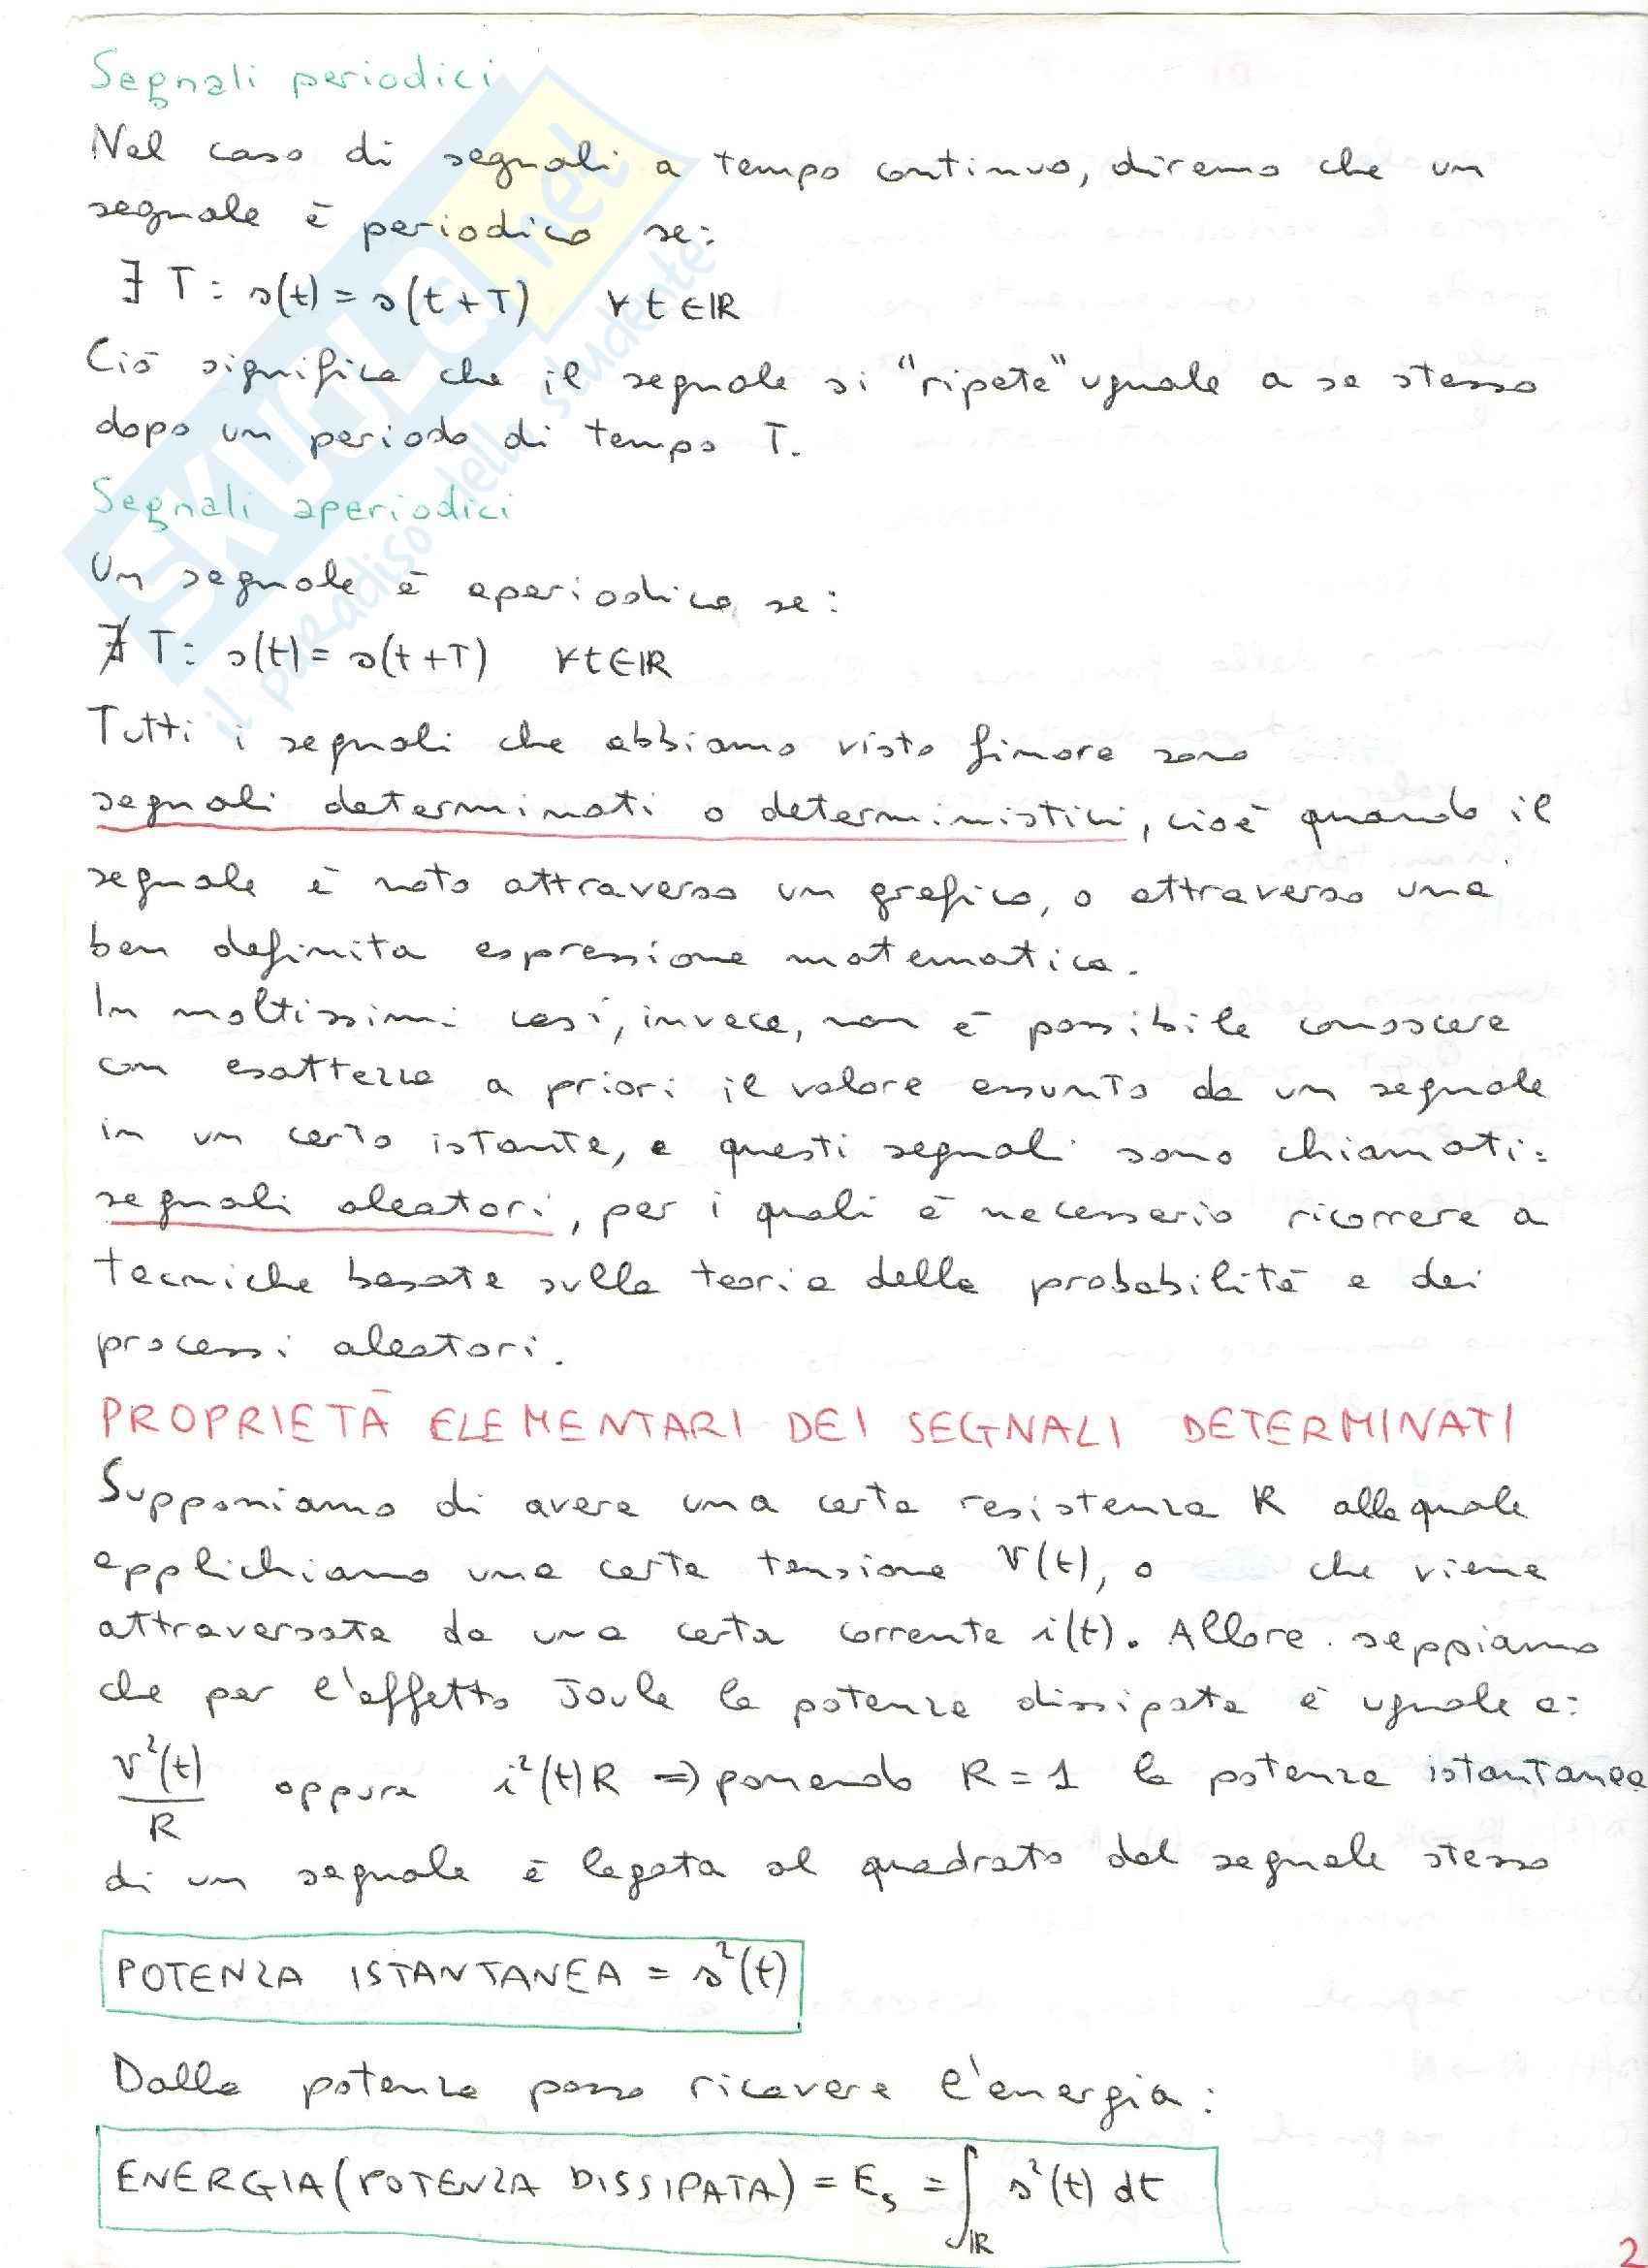 Teoria dei segnali - comunicazioni elettriche Pag. 2